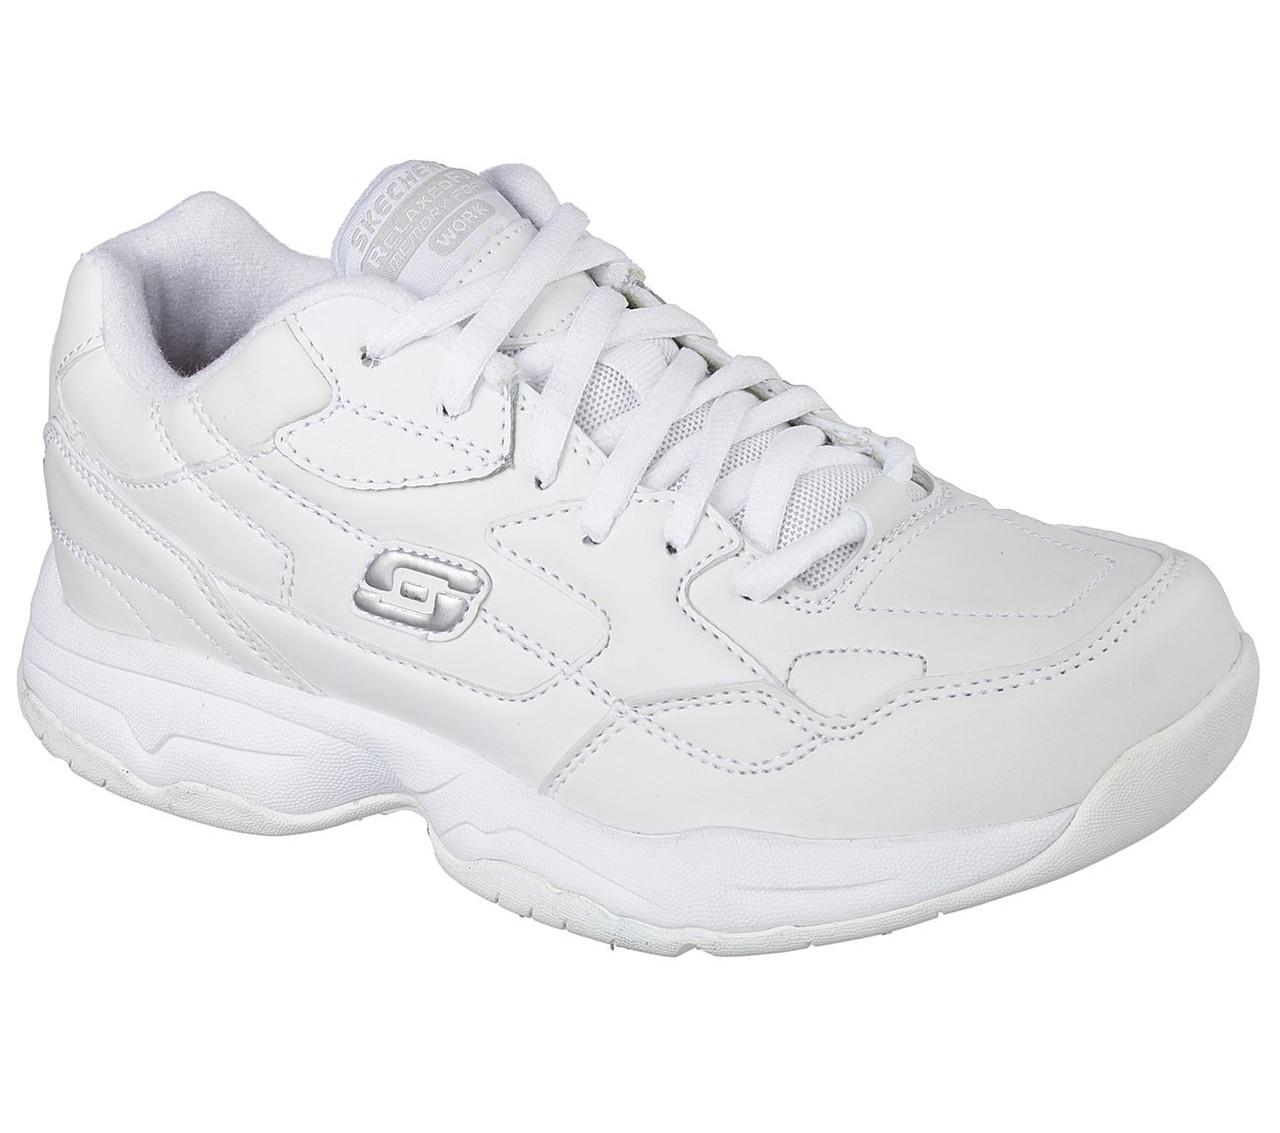 Skechers Women's Felton Albie Shoe White 76555